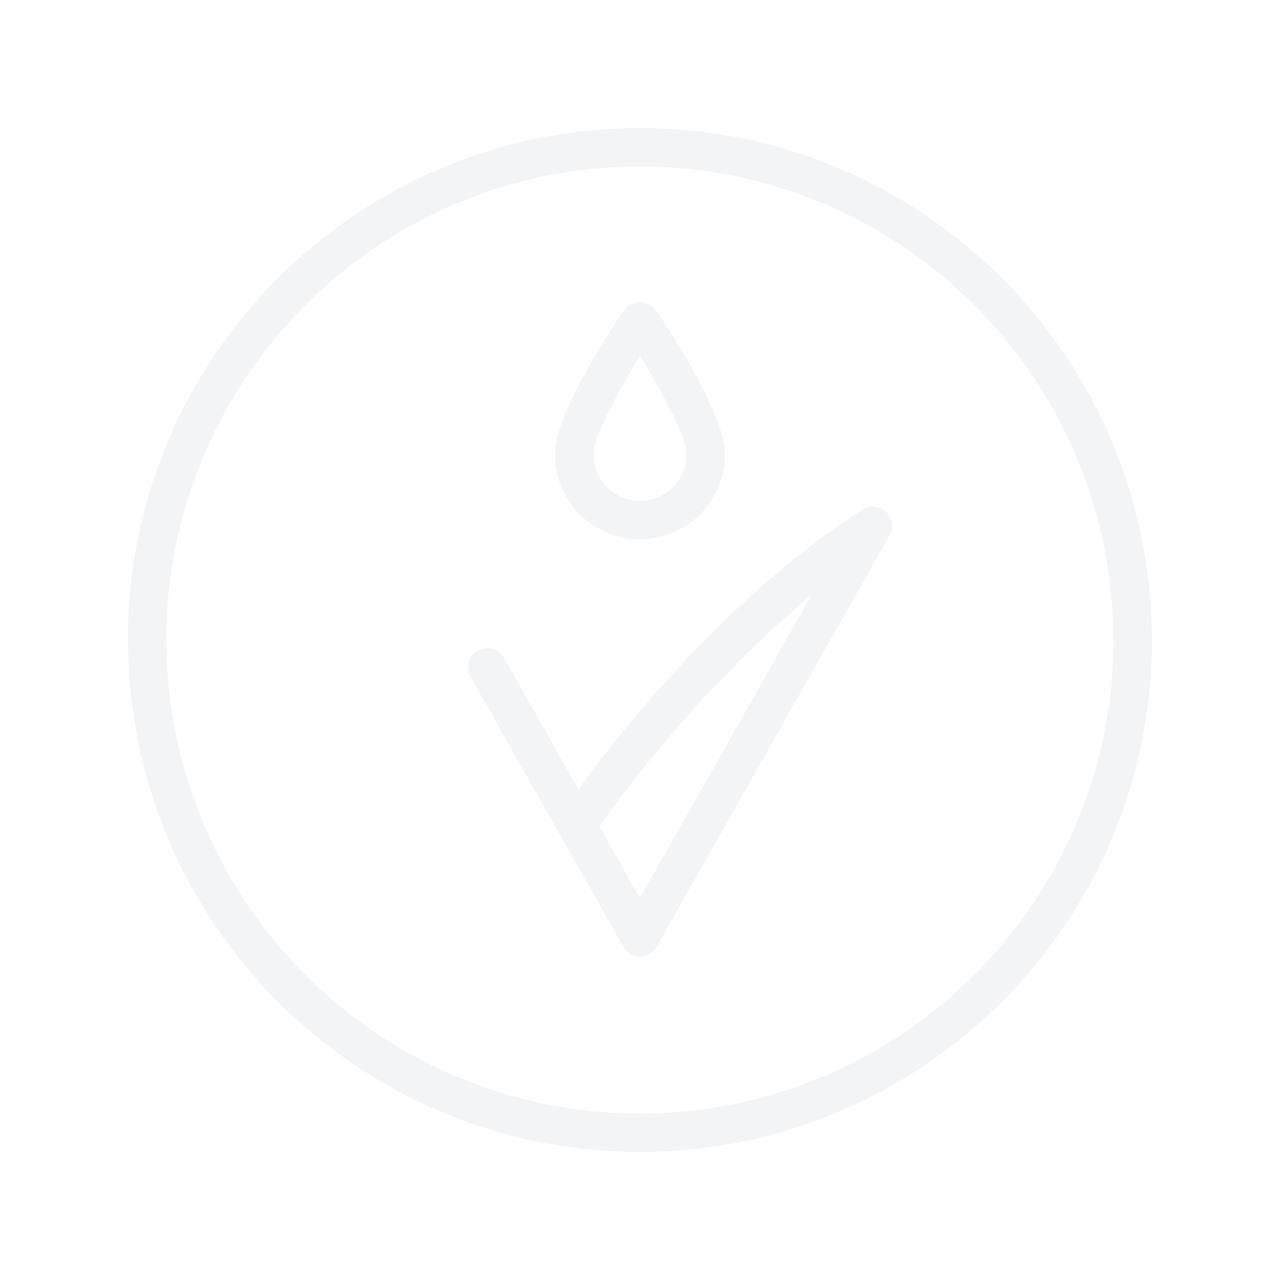 MILANI Face & Eye Strobe Palette 5g